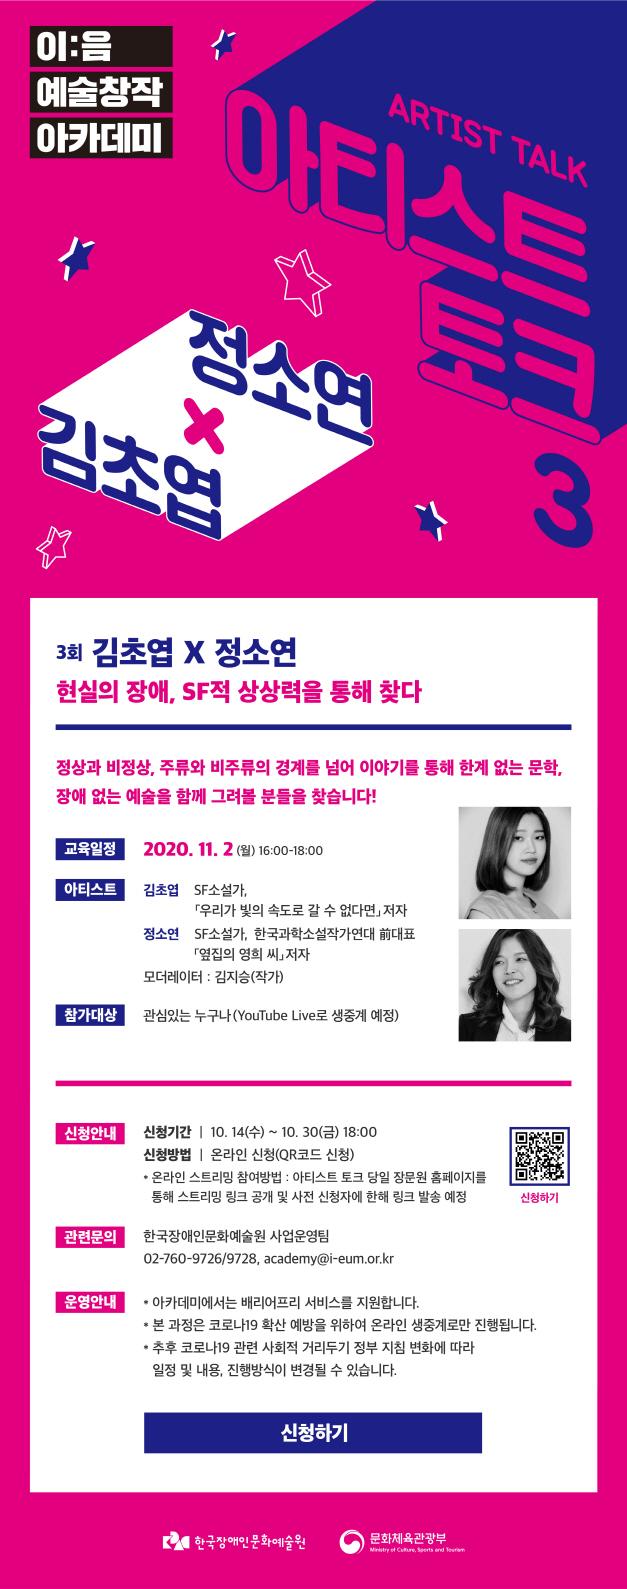 [이:음 아카데미] 아티스트 토크 3회 김초엽 X 정소연?(10/14~10/30)